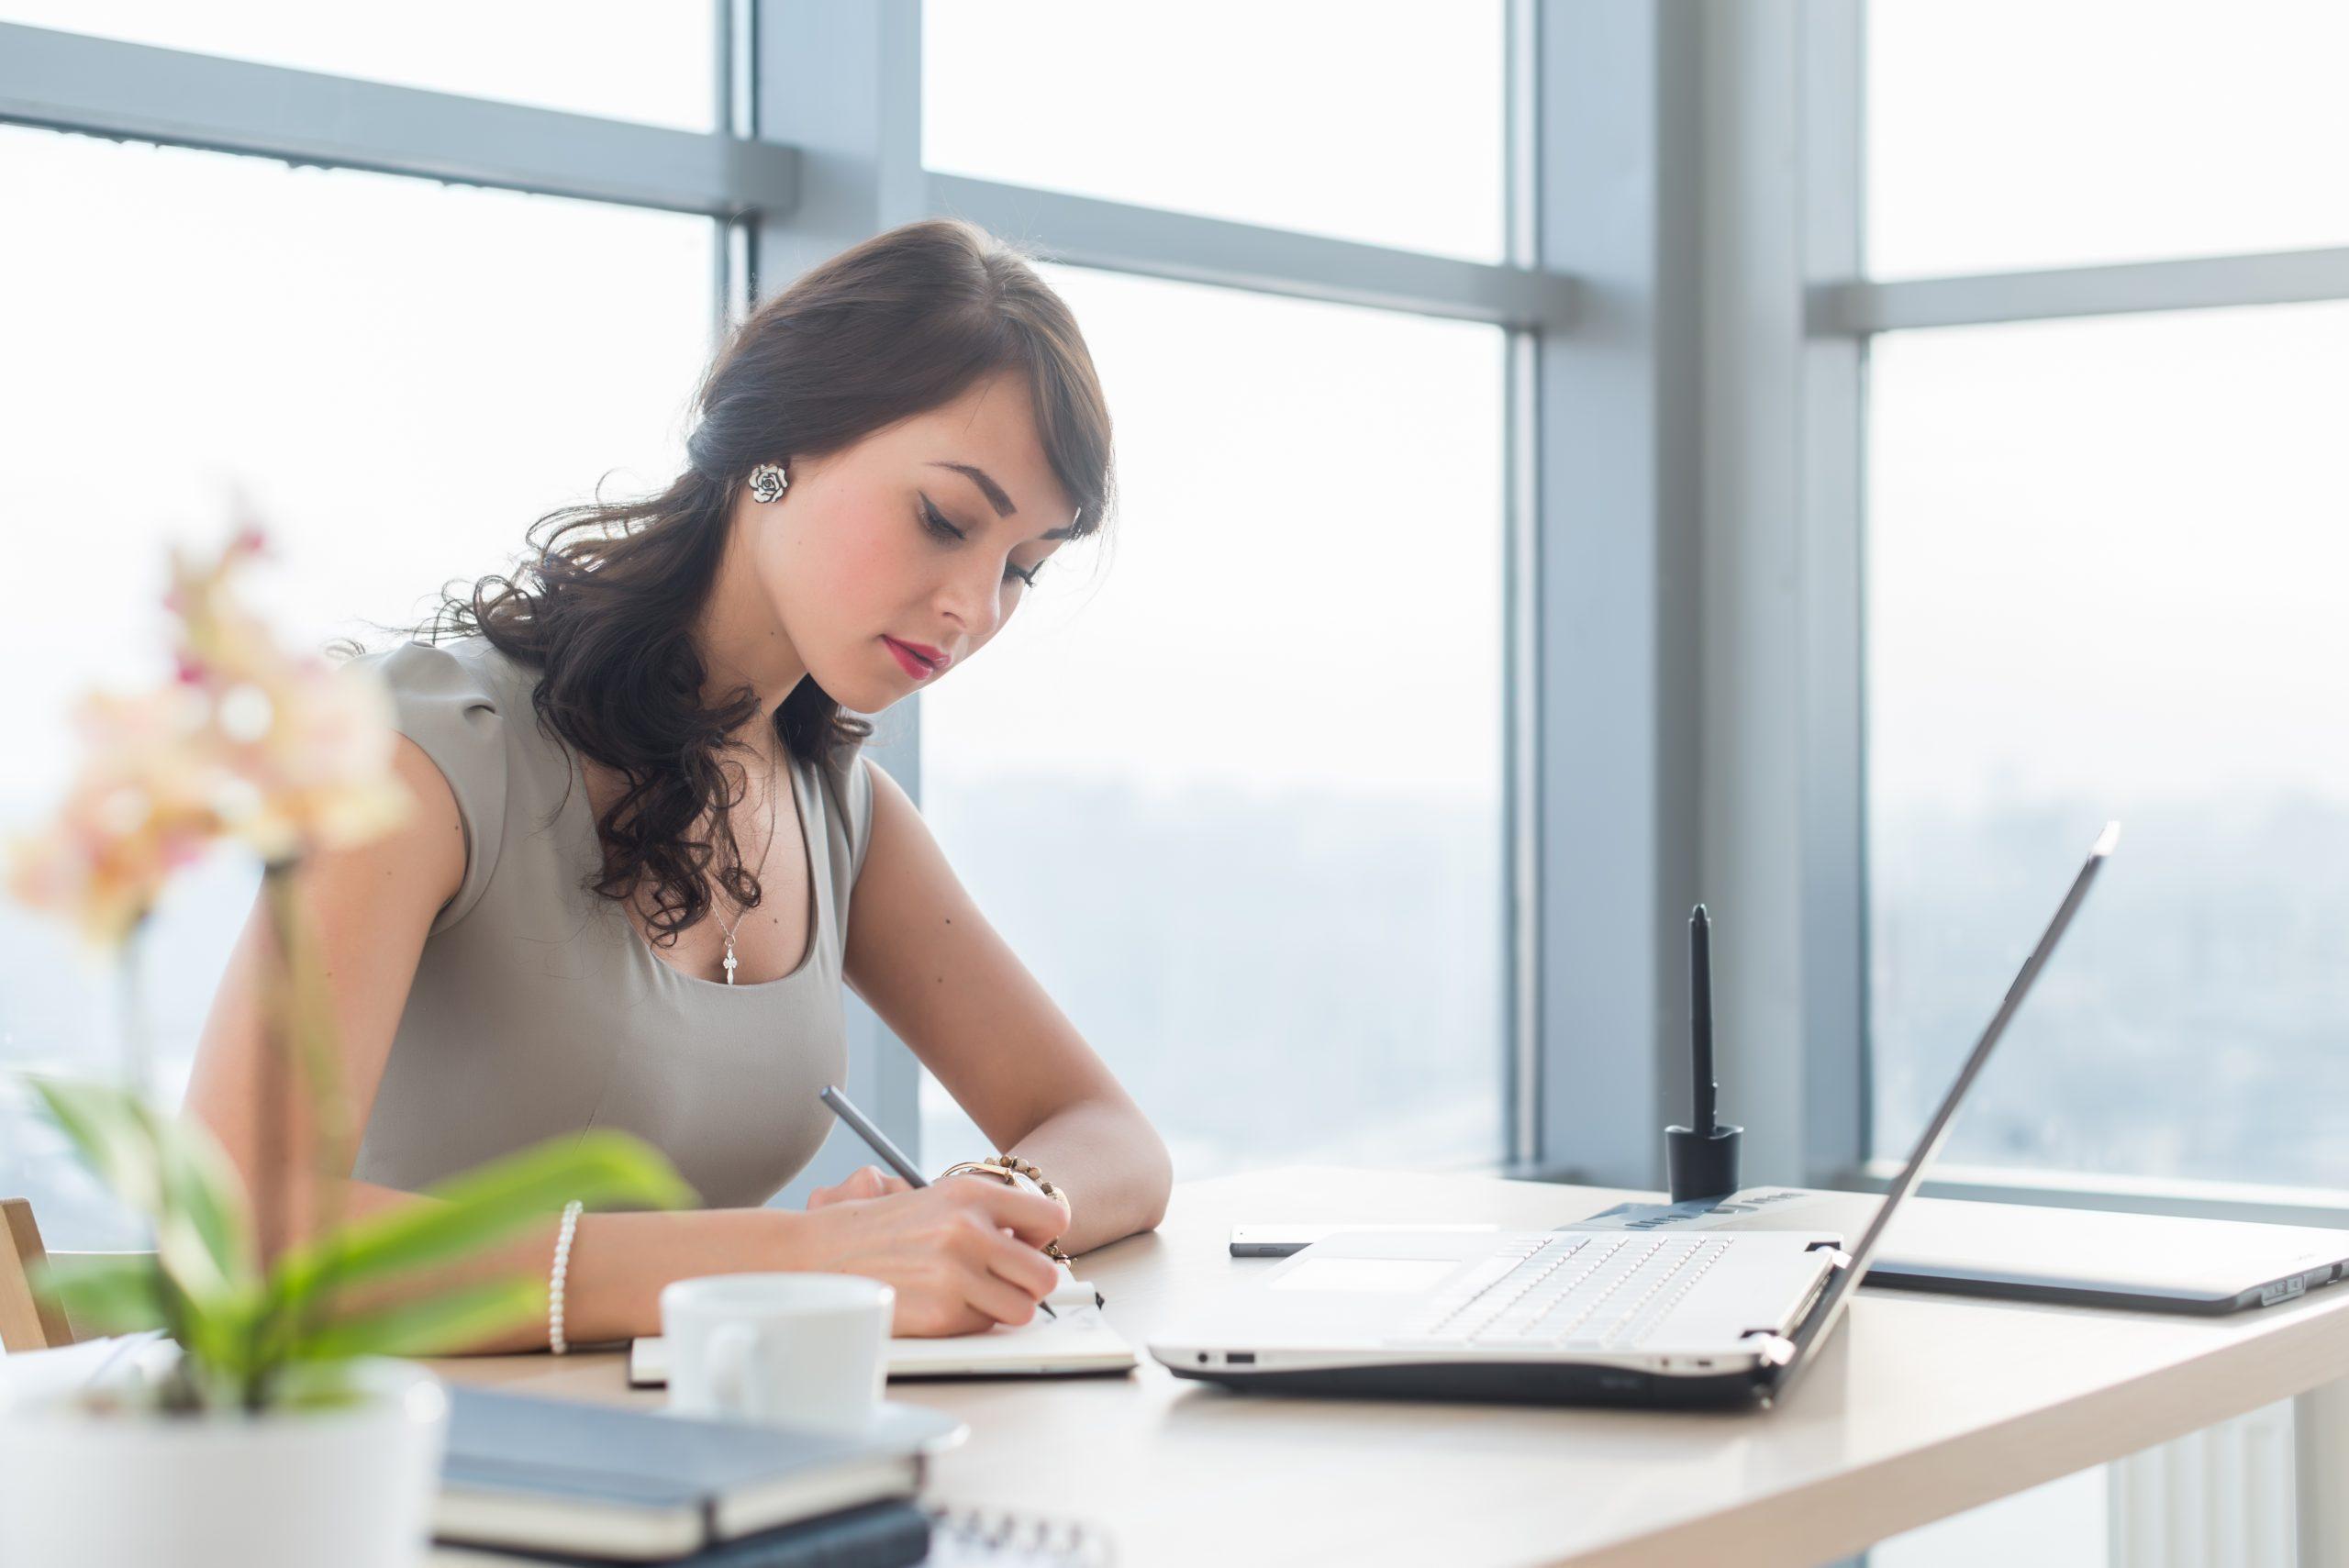 Woman Writing a Eulogy